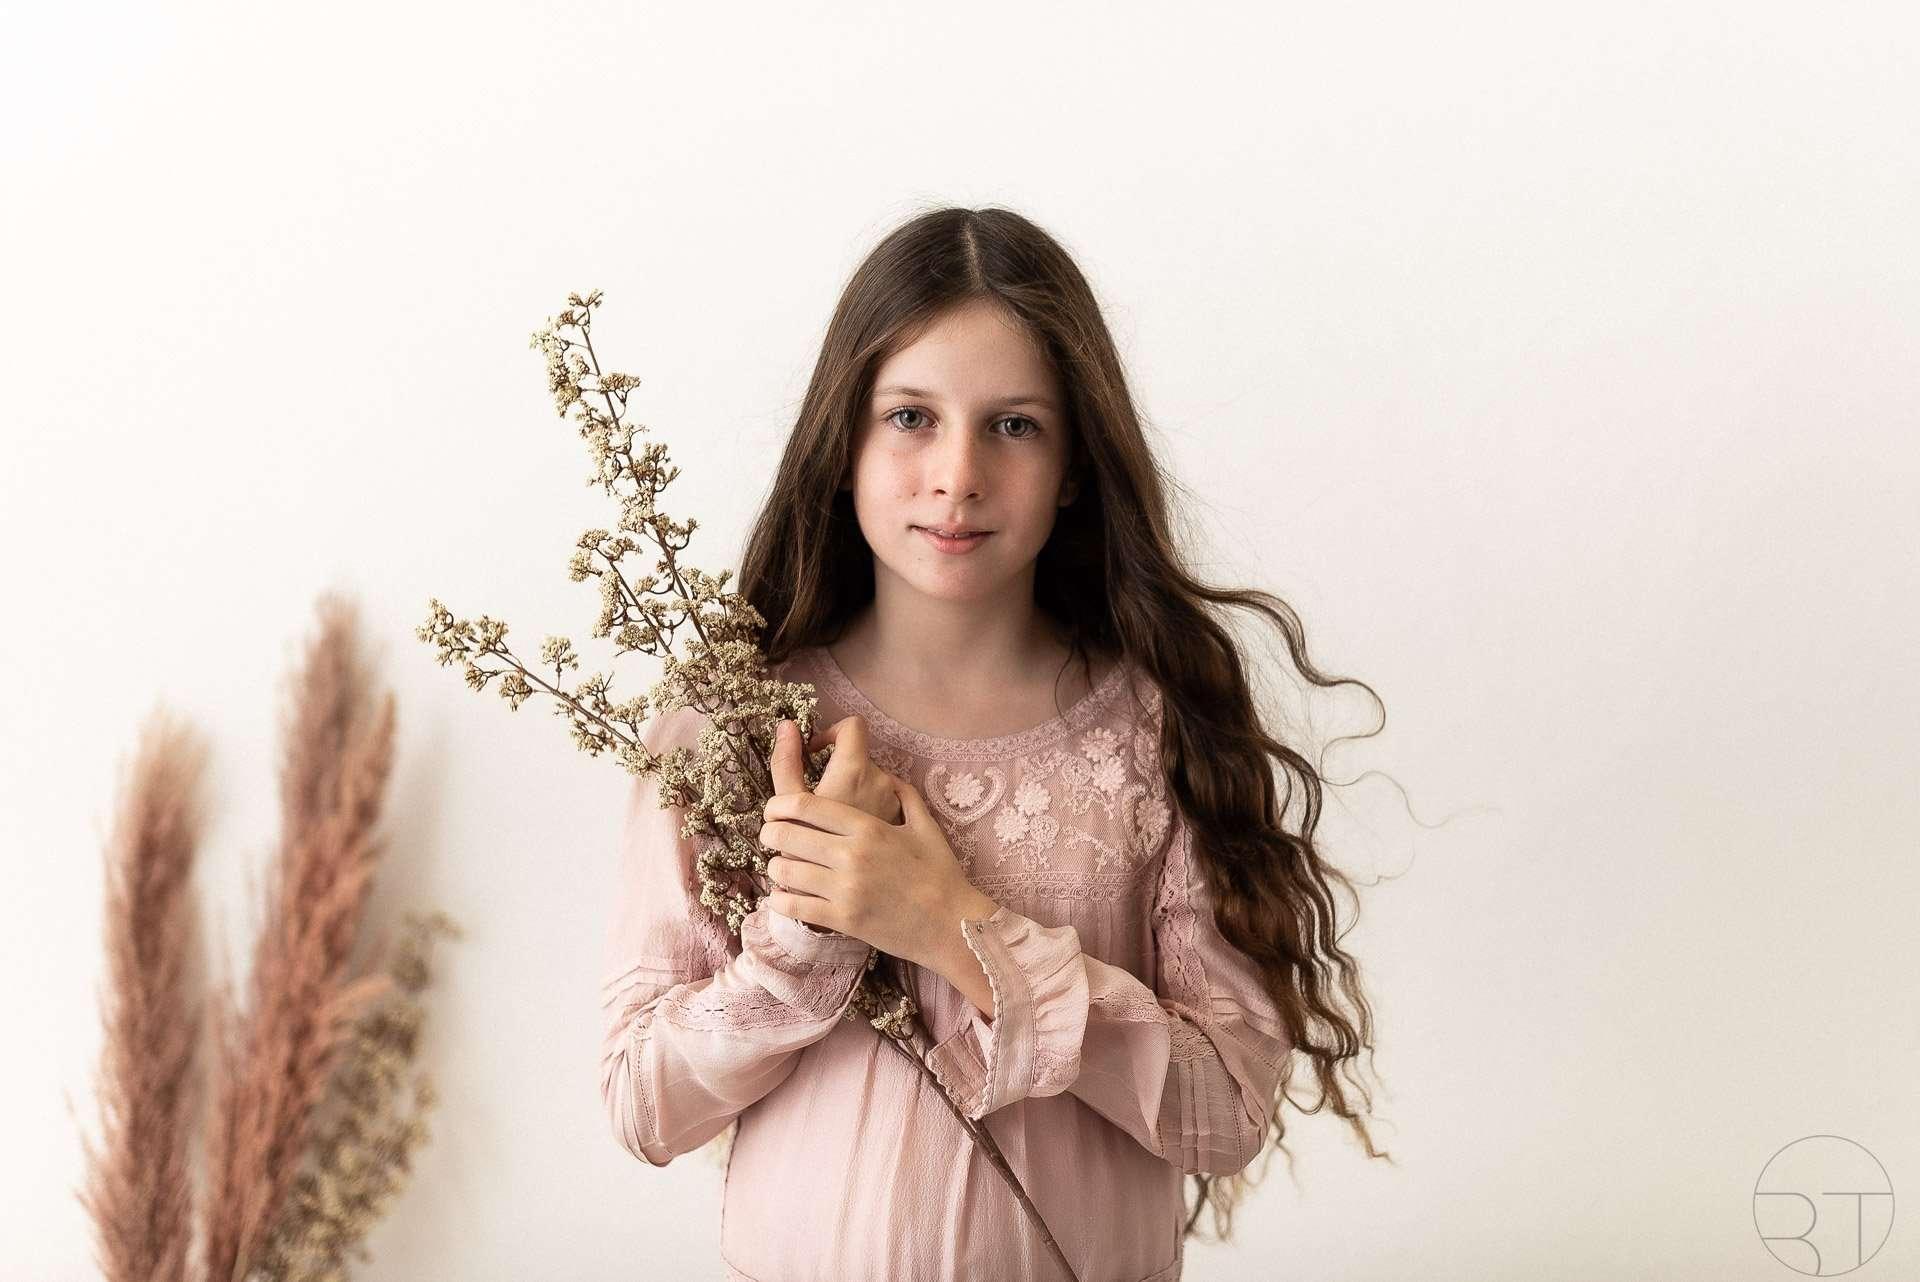 Ritratto di ragazza con fiori